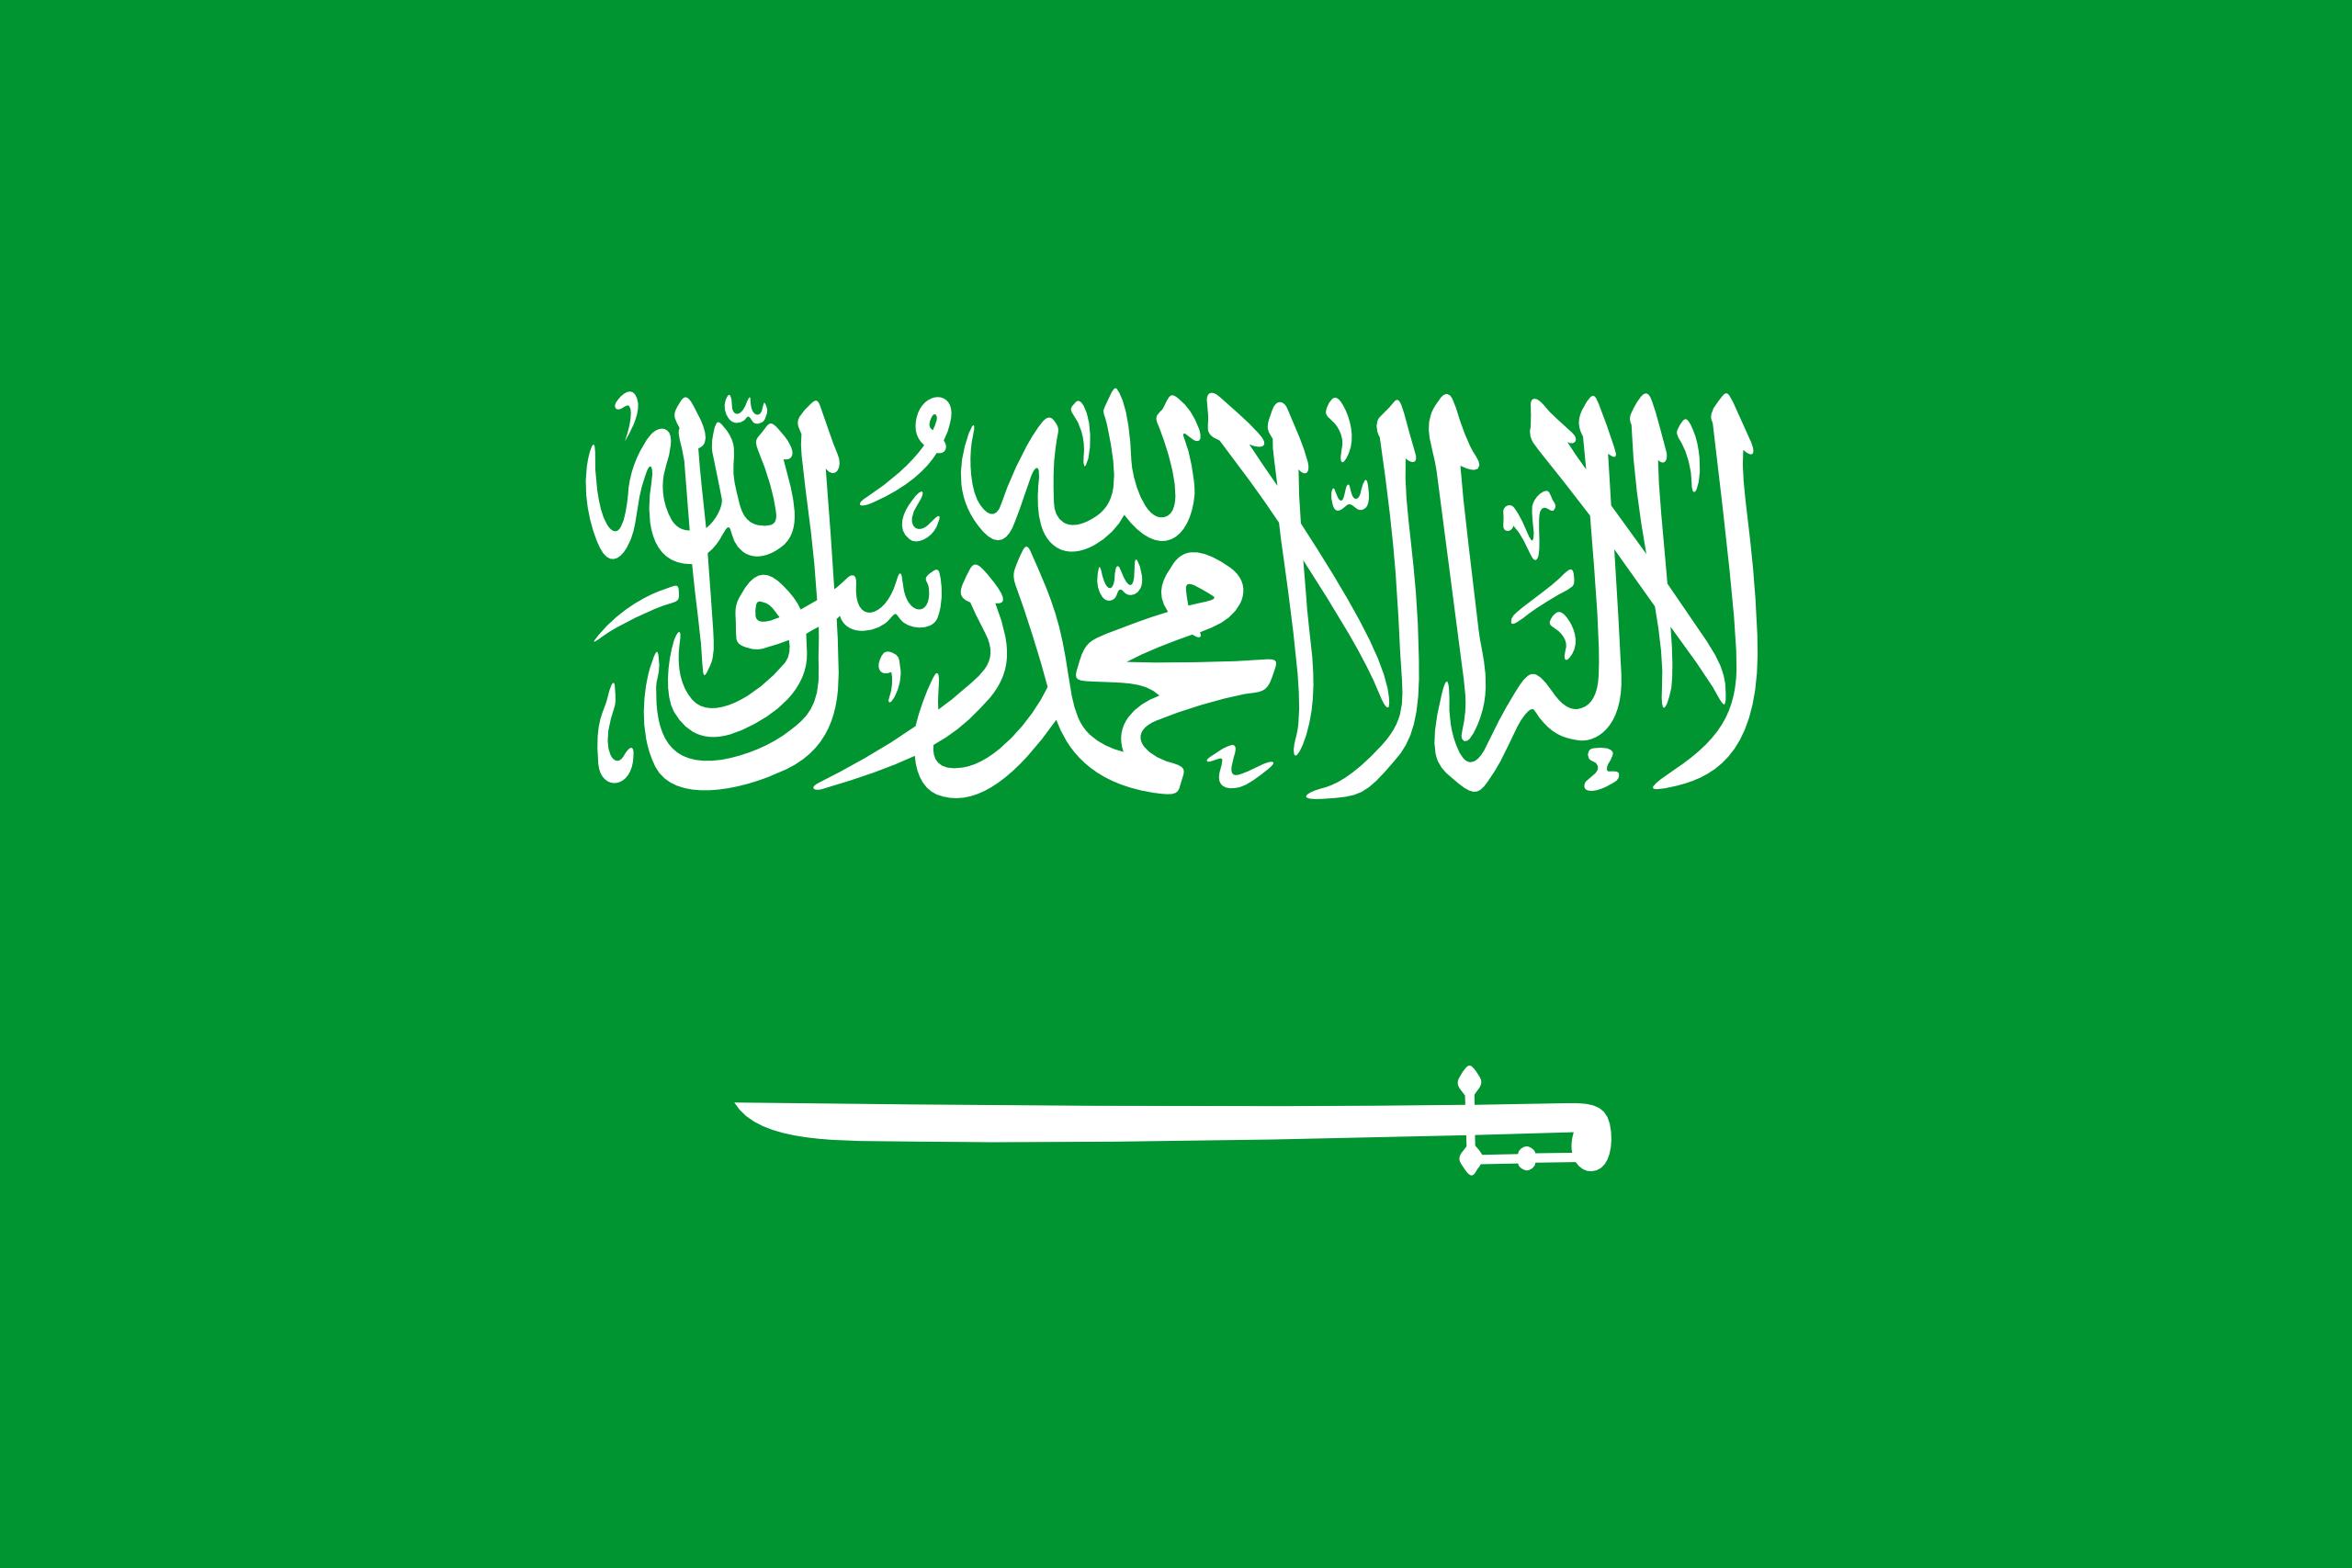 arabia saudita, Land, Emblem, Logo, Symbol - Wallpaper HD - Prof.-falken.com